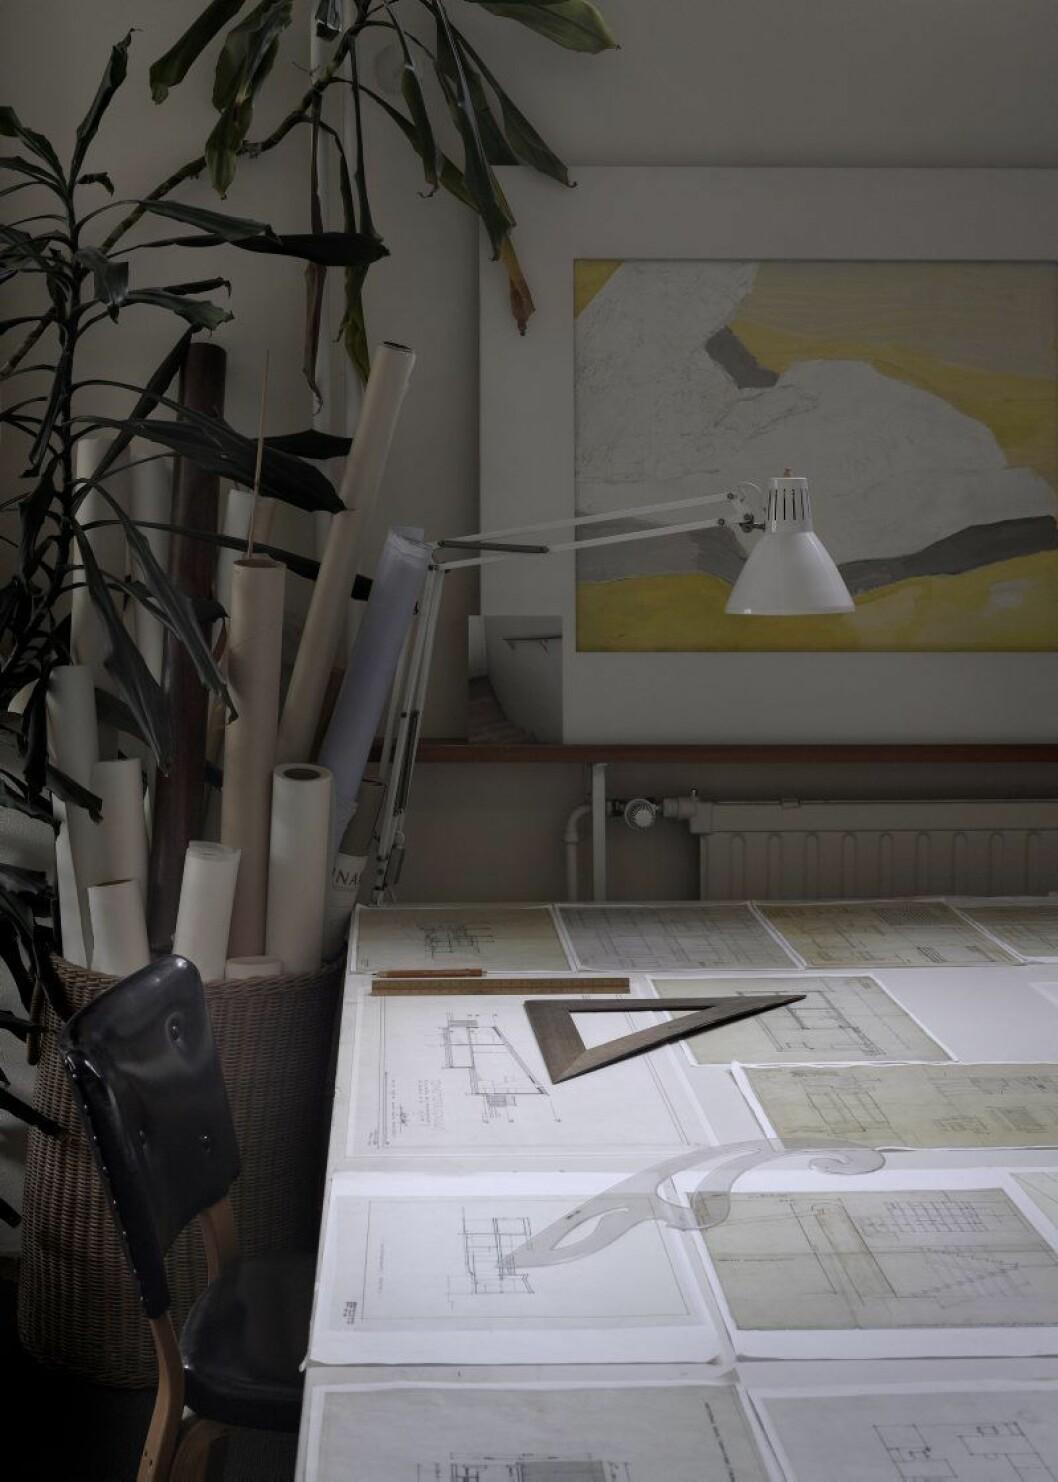 Arbetsrummet hemma hos Alvar Aalto. På bordet ritningar och en modell av Säynätsalos stadskärna.